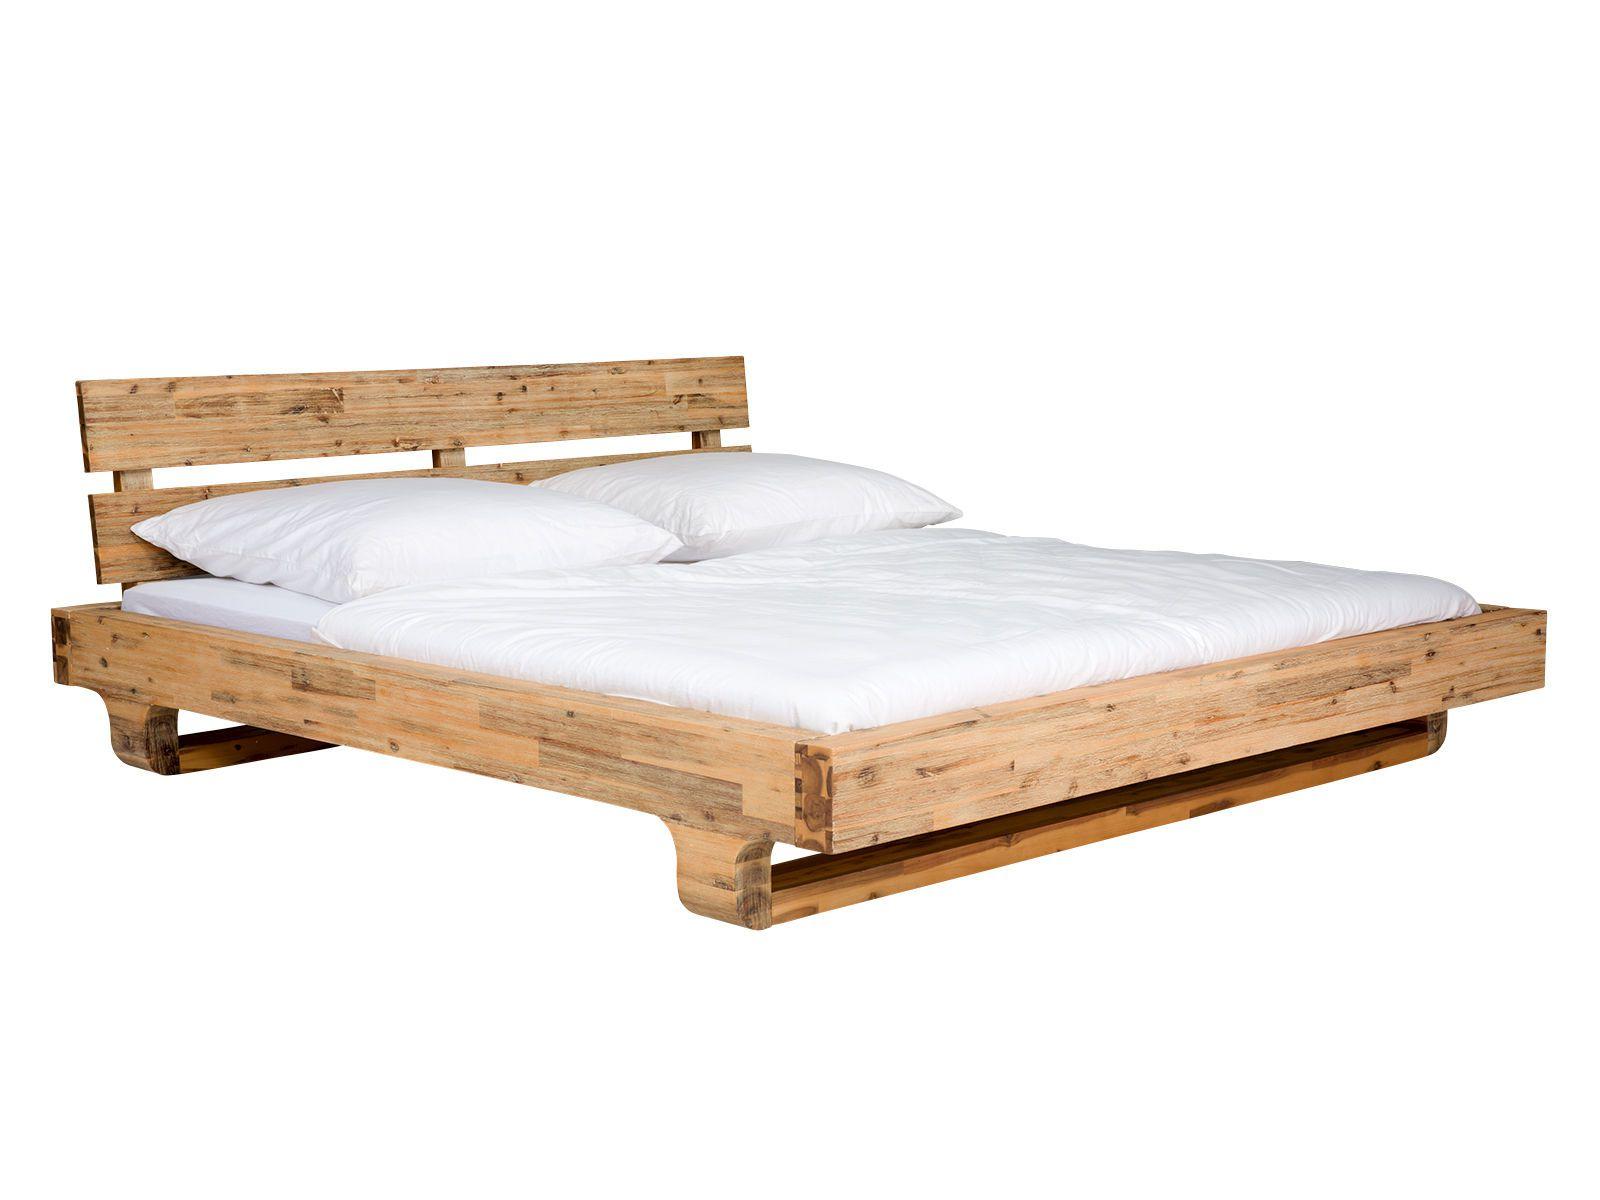 Full Size of Ausgefallene Betten München Ottoversand Kinder Schramm Dico Massivholz Aus Holz Coole Joop Massiv Günstige 140x200 Hohe Hasena überlänge Rauch Amazon Bett Ausgefallene Betten